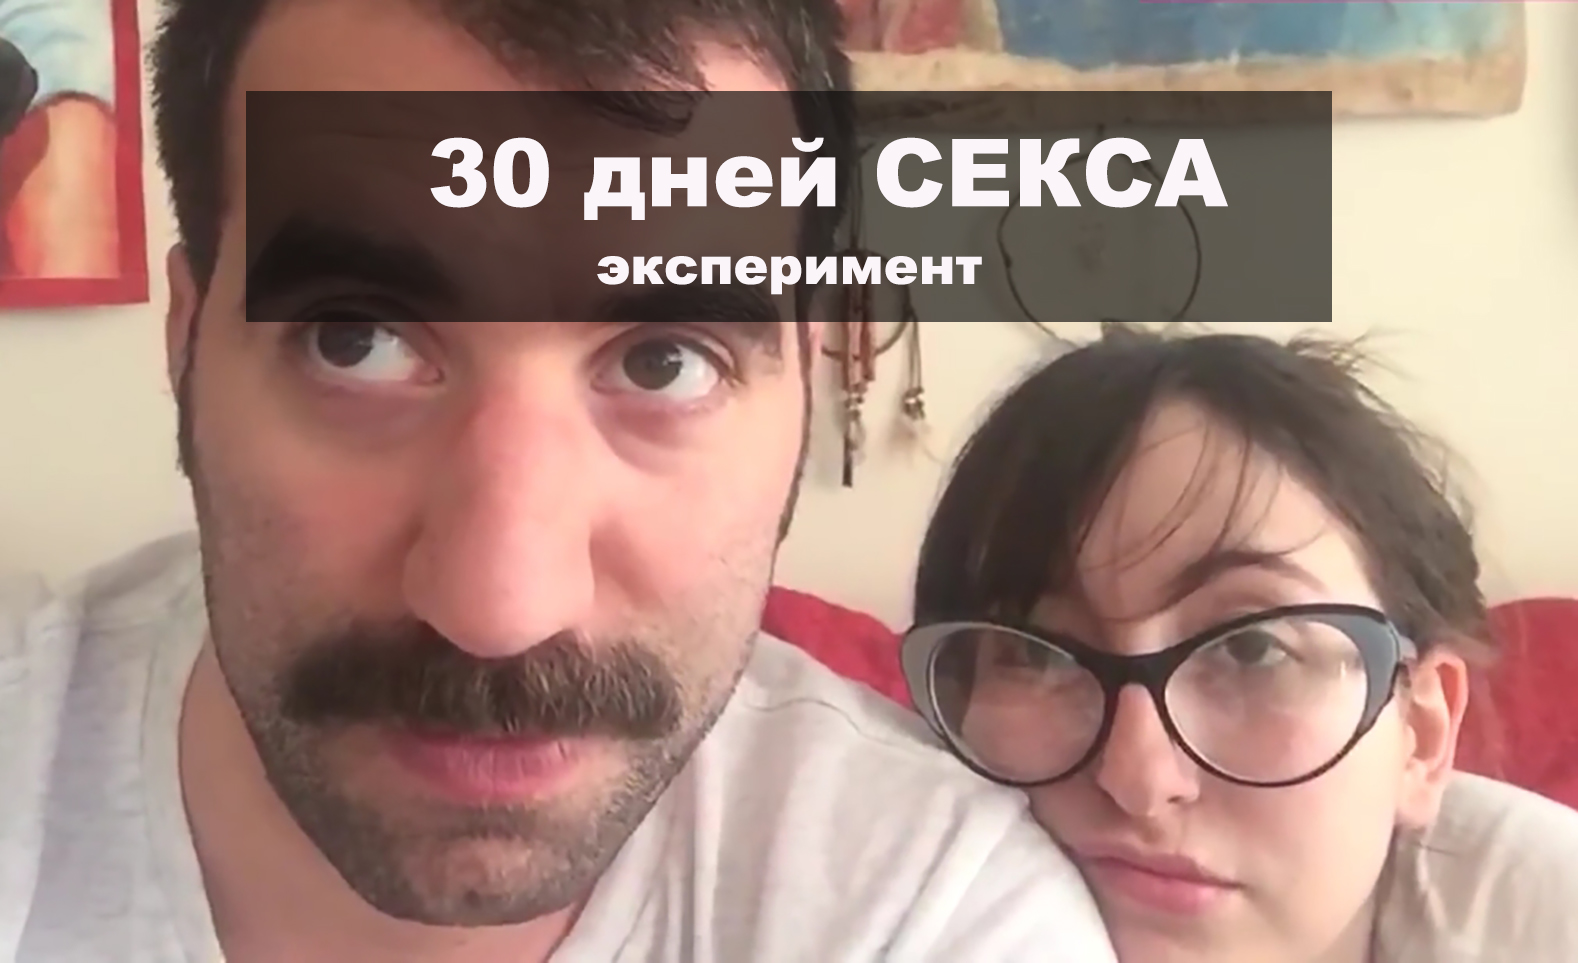 Нужно ли заниматься сексом каждый день: пары 30 дней участвовали в эксперименте